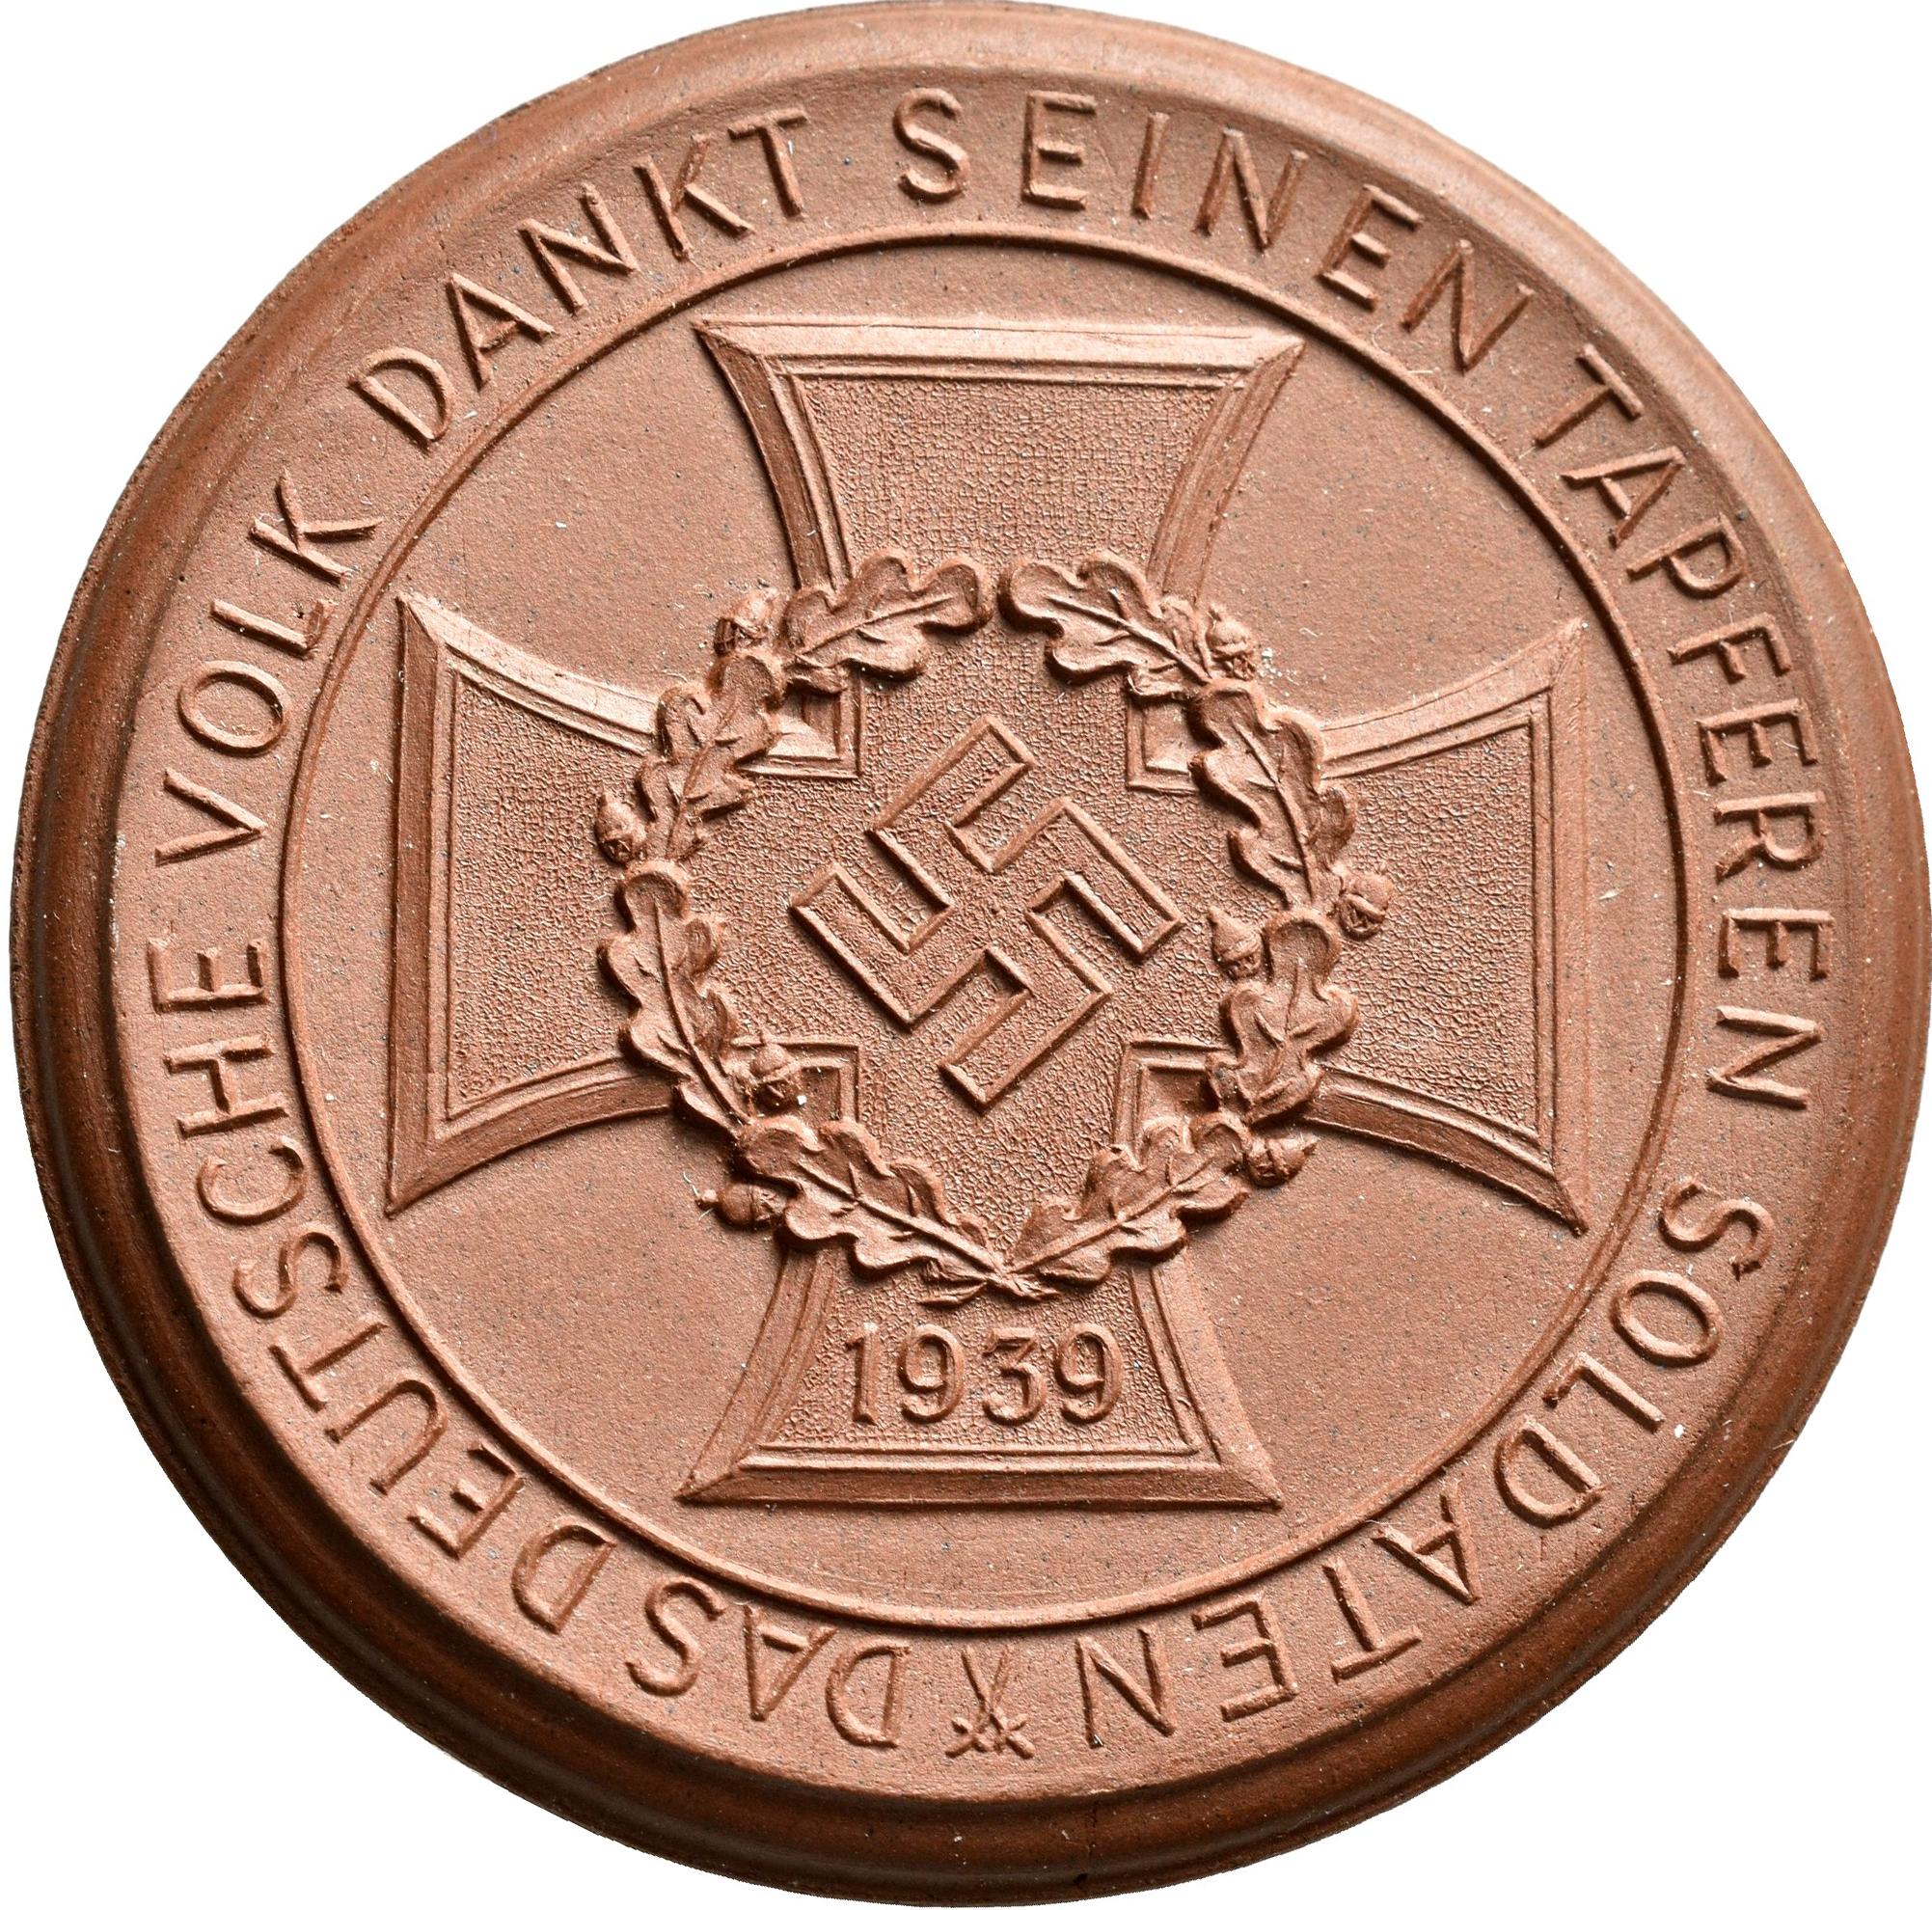 Lot 02384 - Medaillen Deutschland | Münzen  -  Auktionshaus Christoph Gärtner GmbH & Co. KG Sale #48 The Coins & The Picture Post Cards